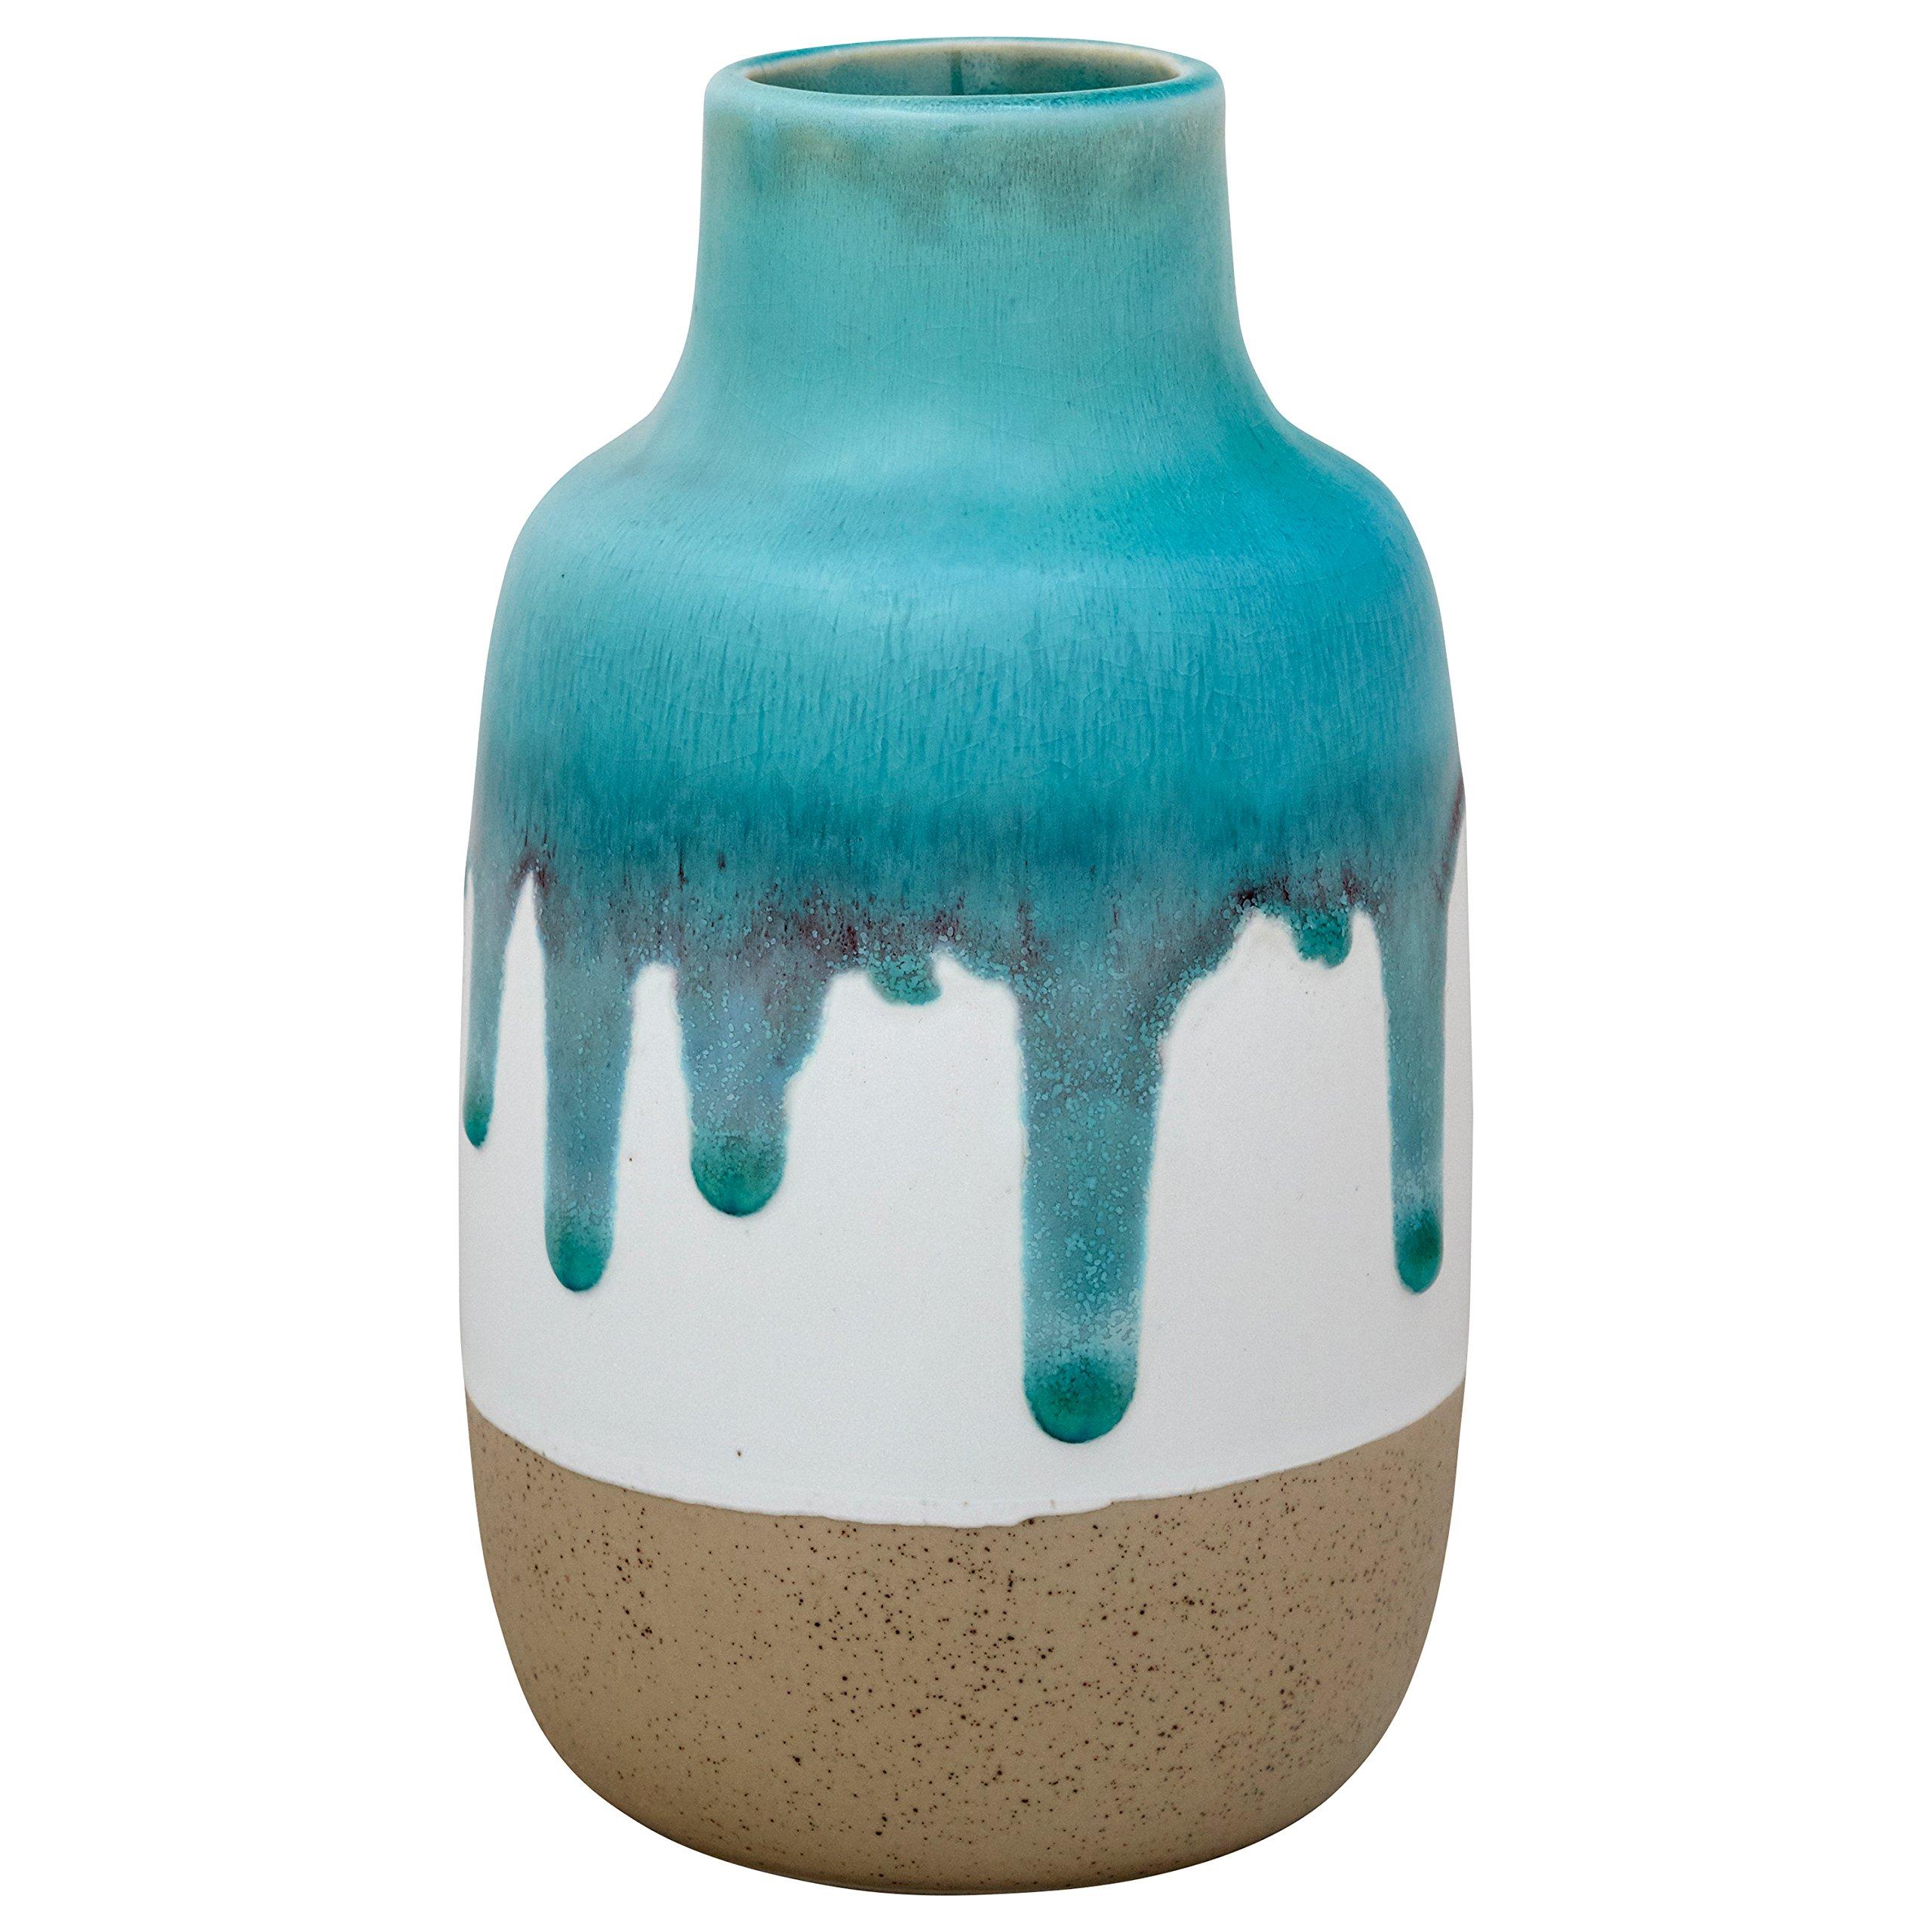 Stone & Beam Modern Ceramic Flower Vase, 7'' H, Teal/White